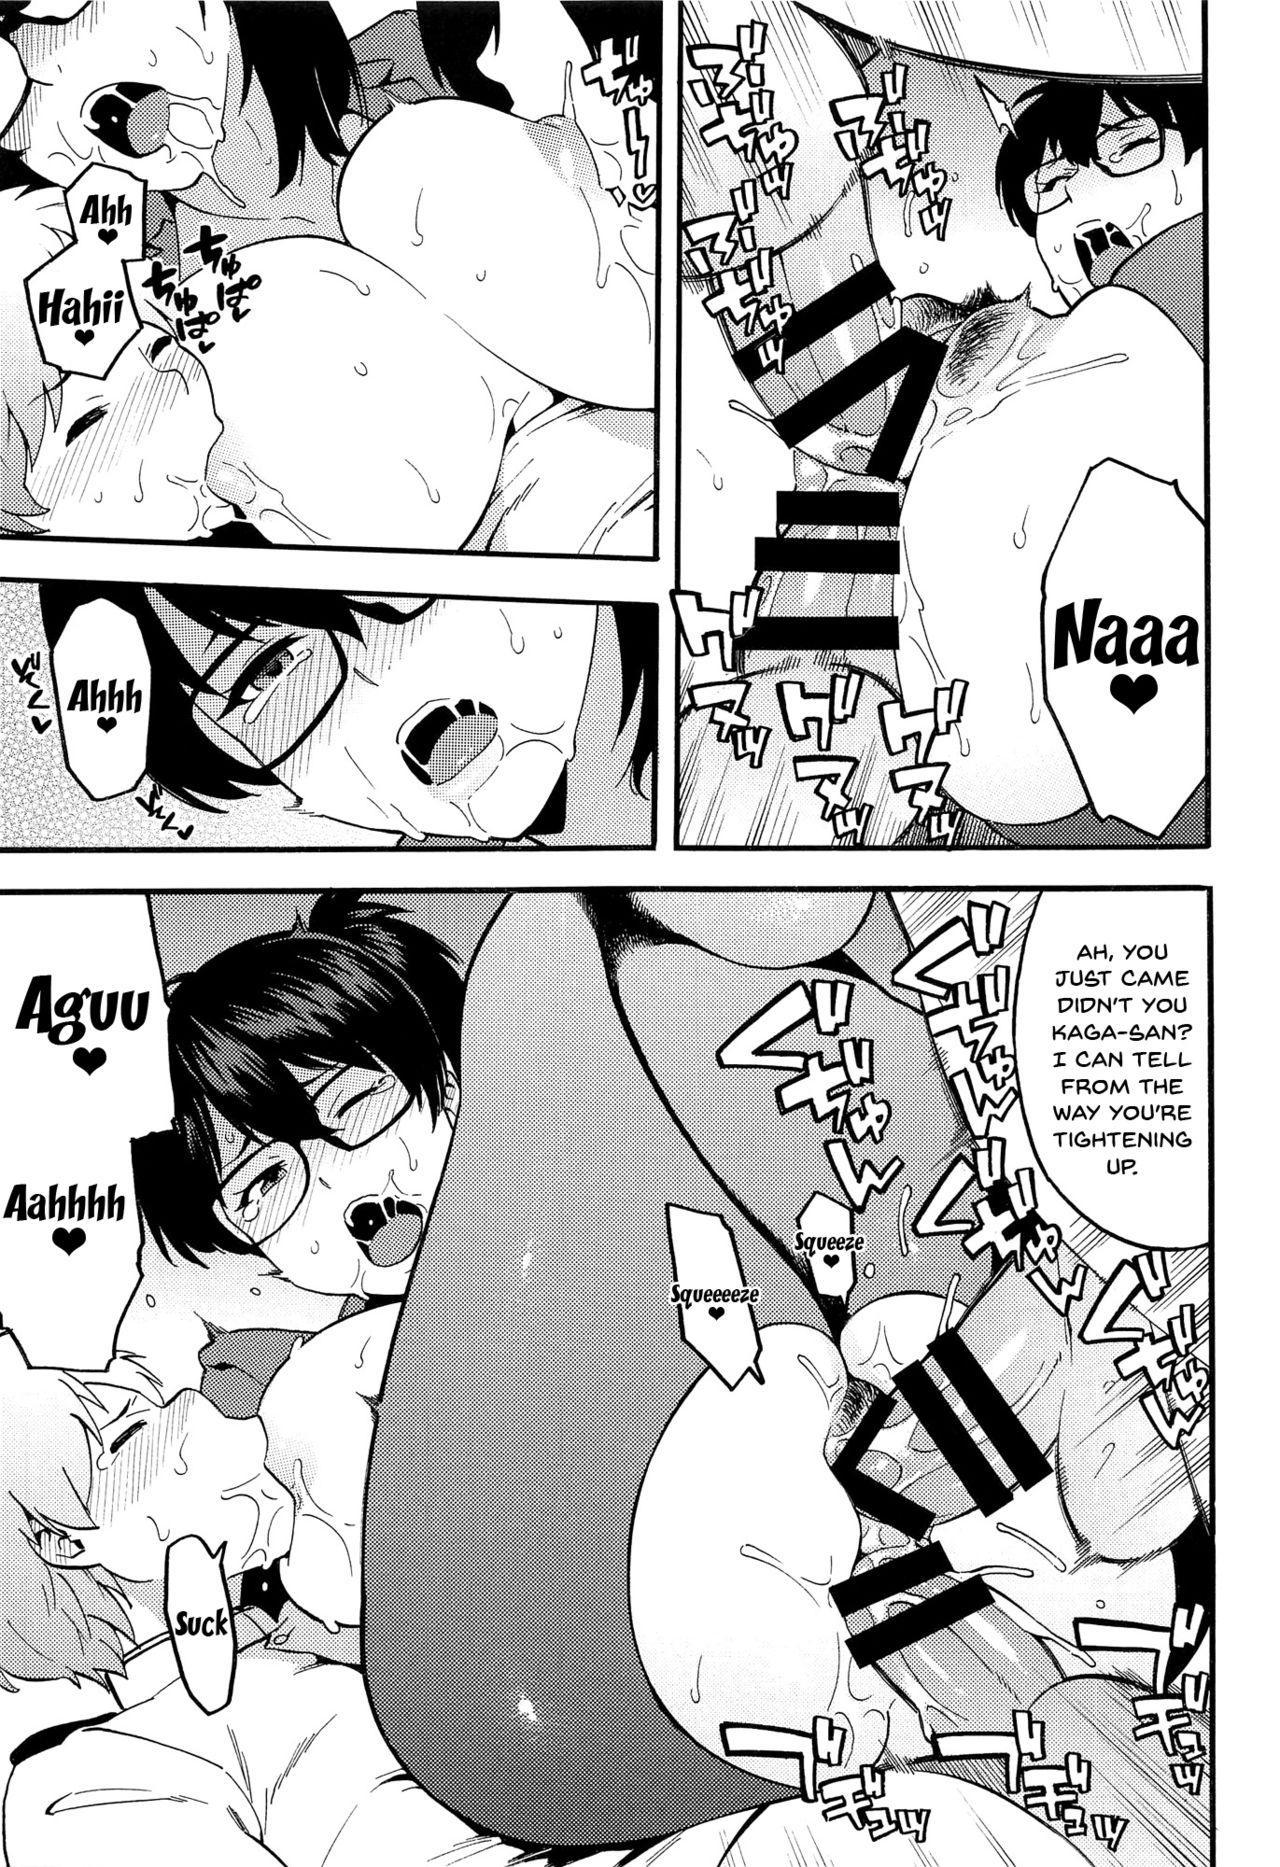 OL KuroSto Kaga-san | Office Lady Kaga 13